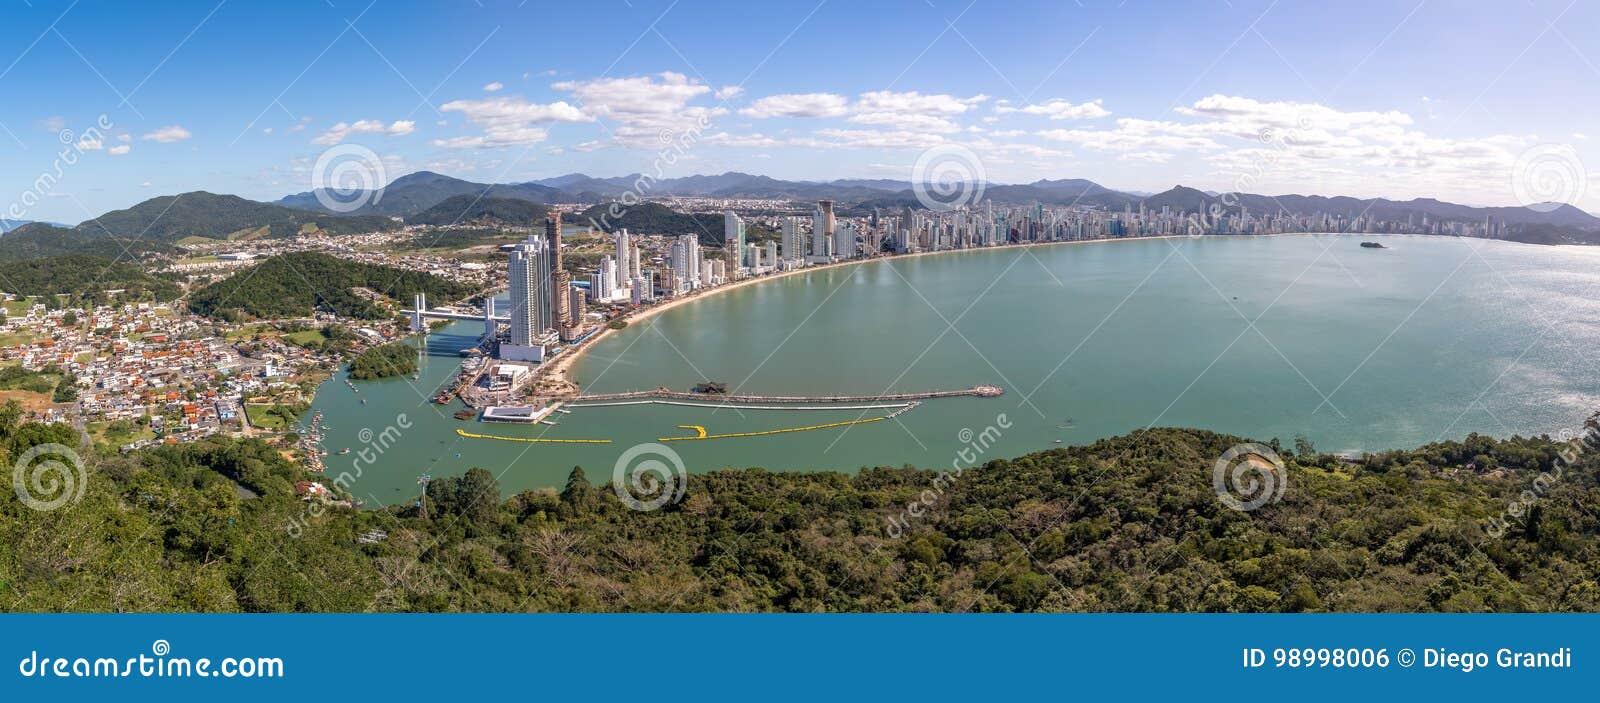 Balneario Camboriu市- Balneario Camboriu,圣卡塔琳娜州,巴西全景鸟瞰图